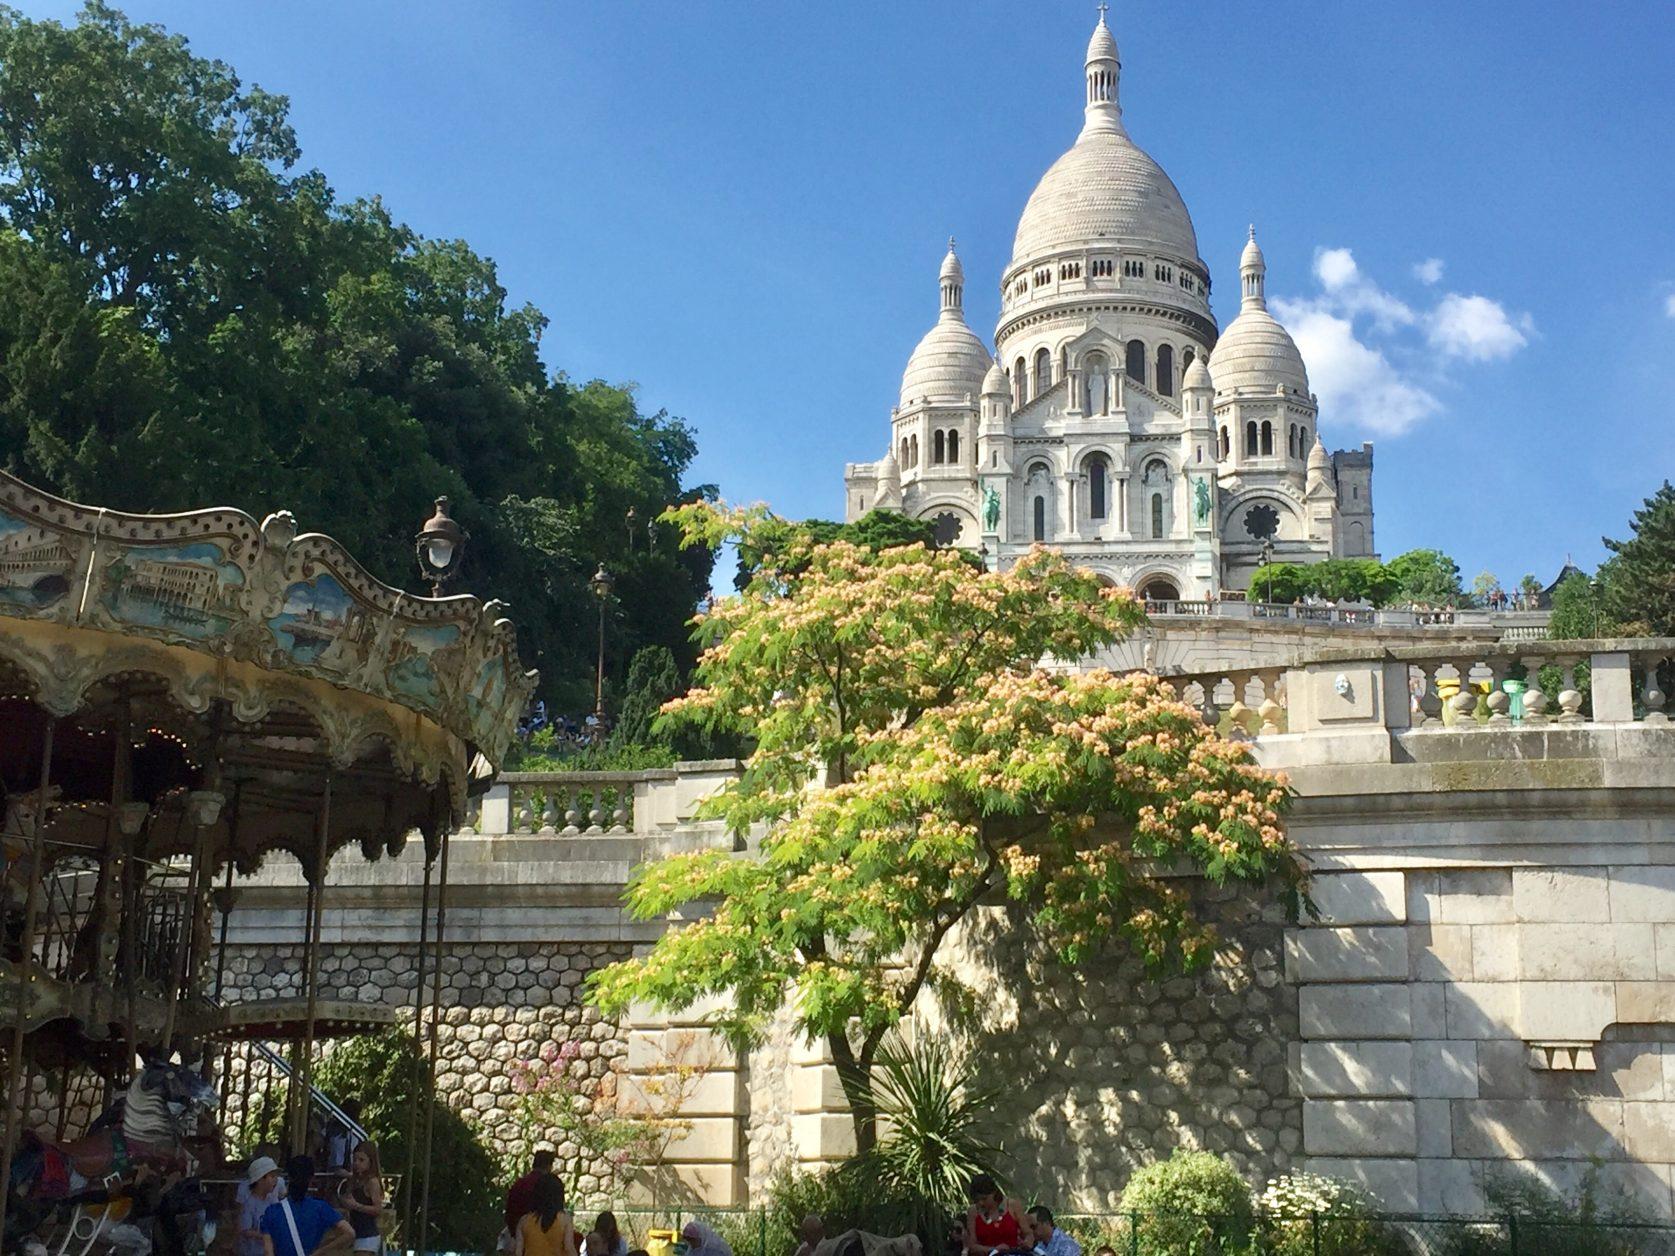 Die Basilika Sacré-Cœur thront auf dem Hügel Montmartre. Foto: K.Weirauch